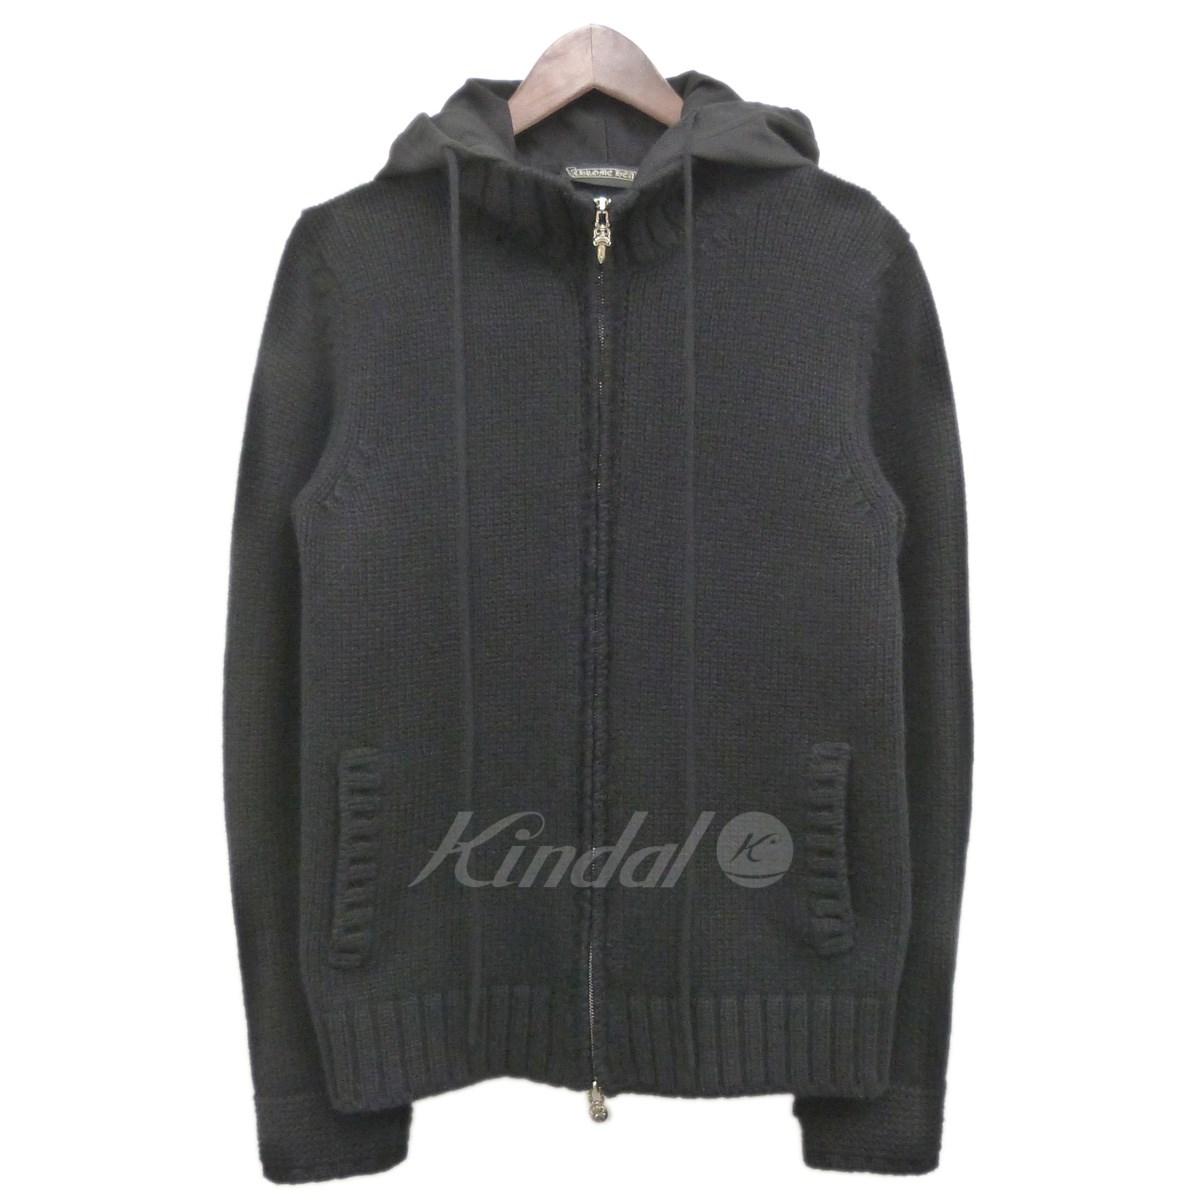 【中古】CHROME HEARTS フーデッドカシミヤニットジャケット ブラック サイズ:S 【送料無料】 【010419】(クロムハーツ)